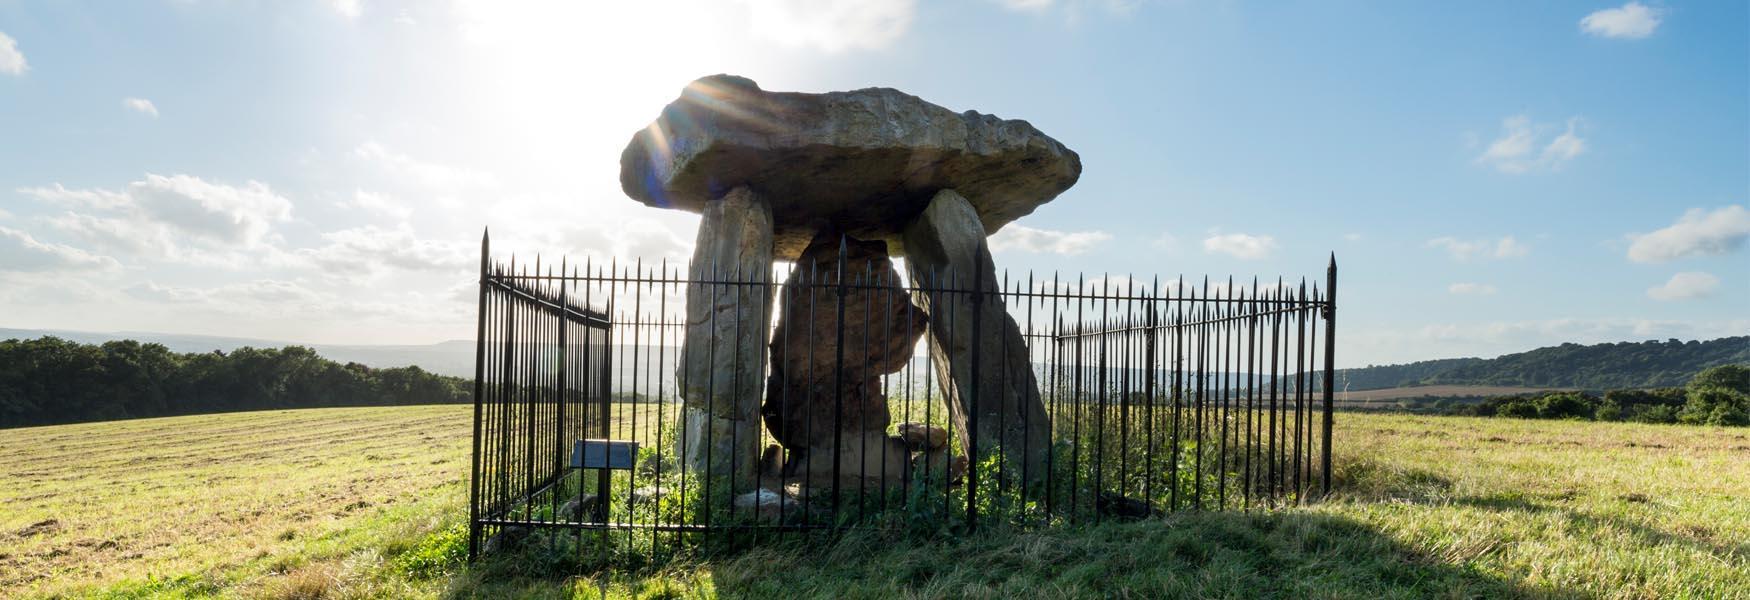 Kits Coty Megalithic 'dolmen'